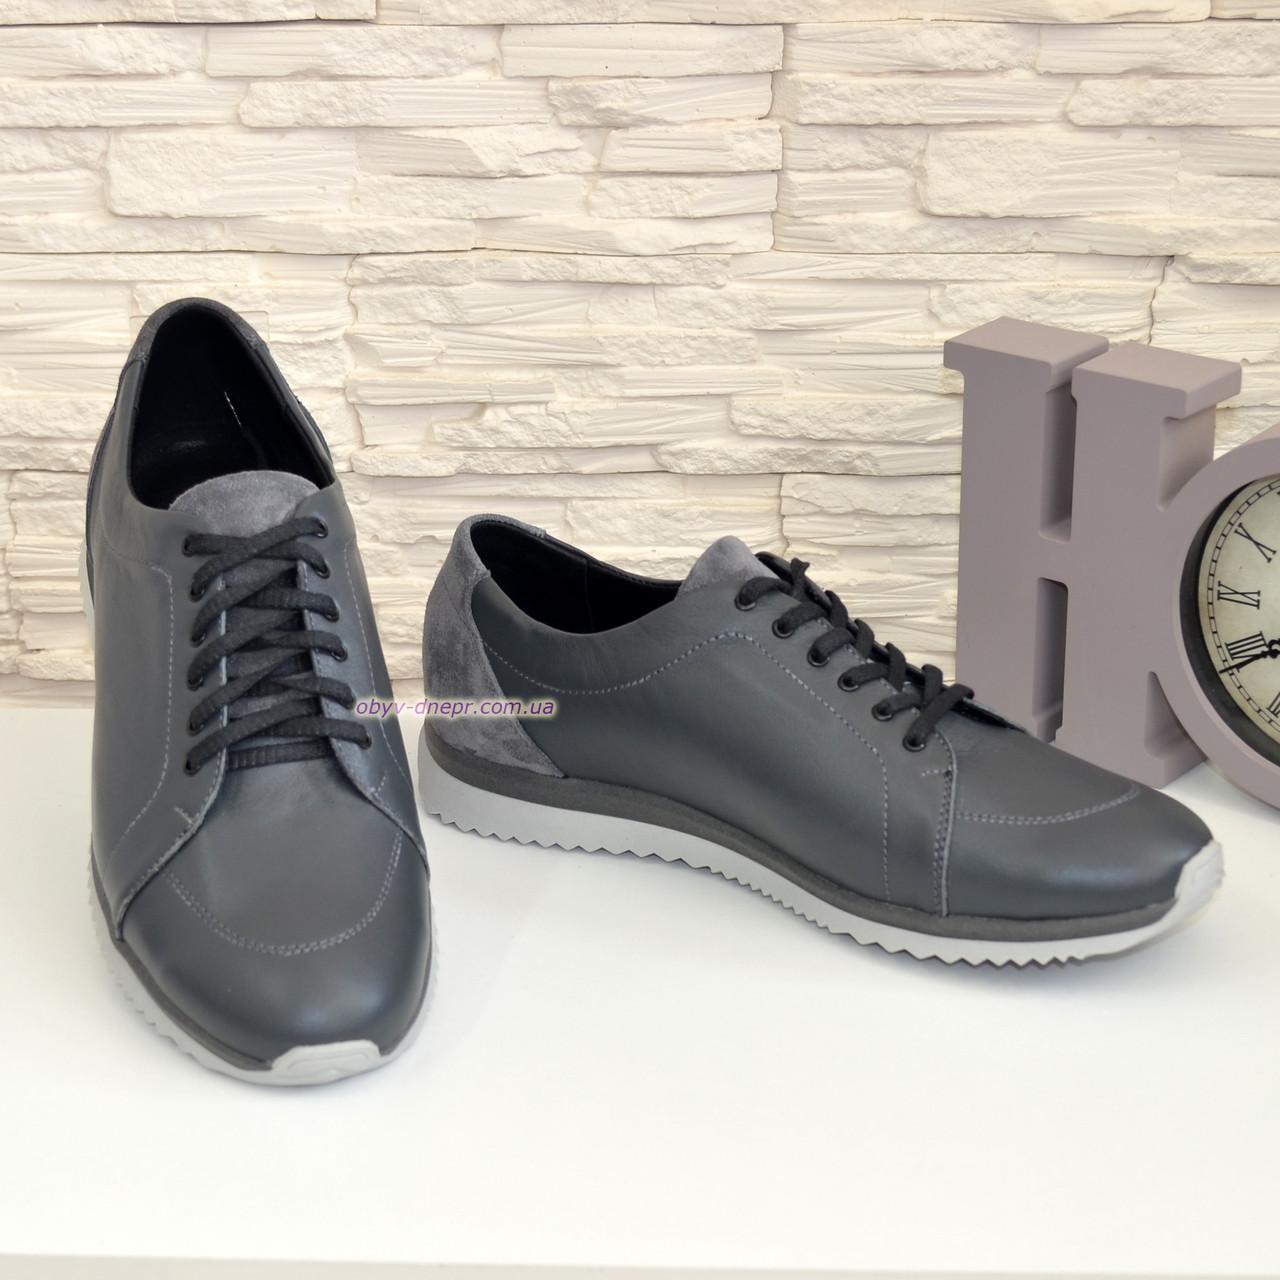 Кроссовки серого цвета